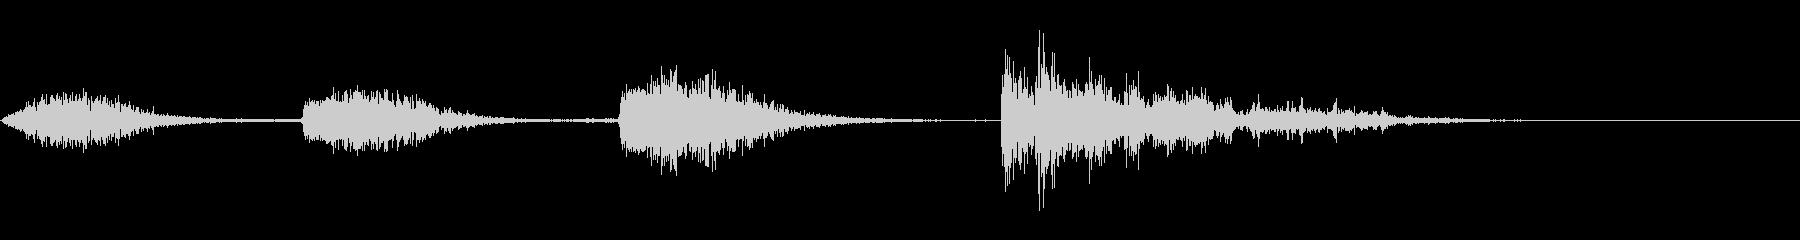 爆発2:4つの異なる爆発の未再生の波形